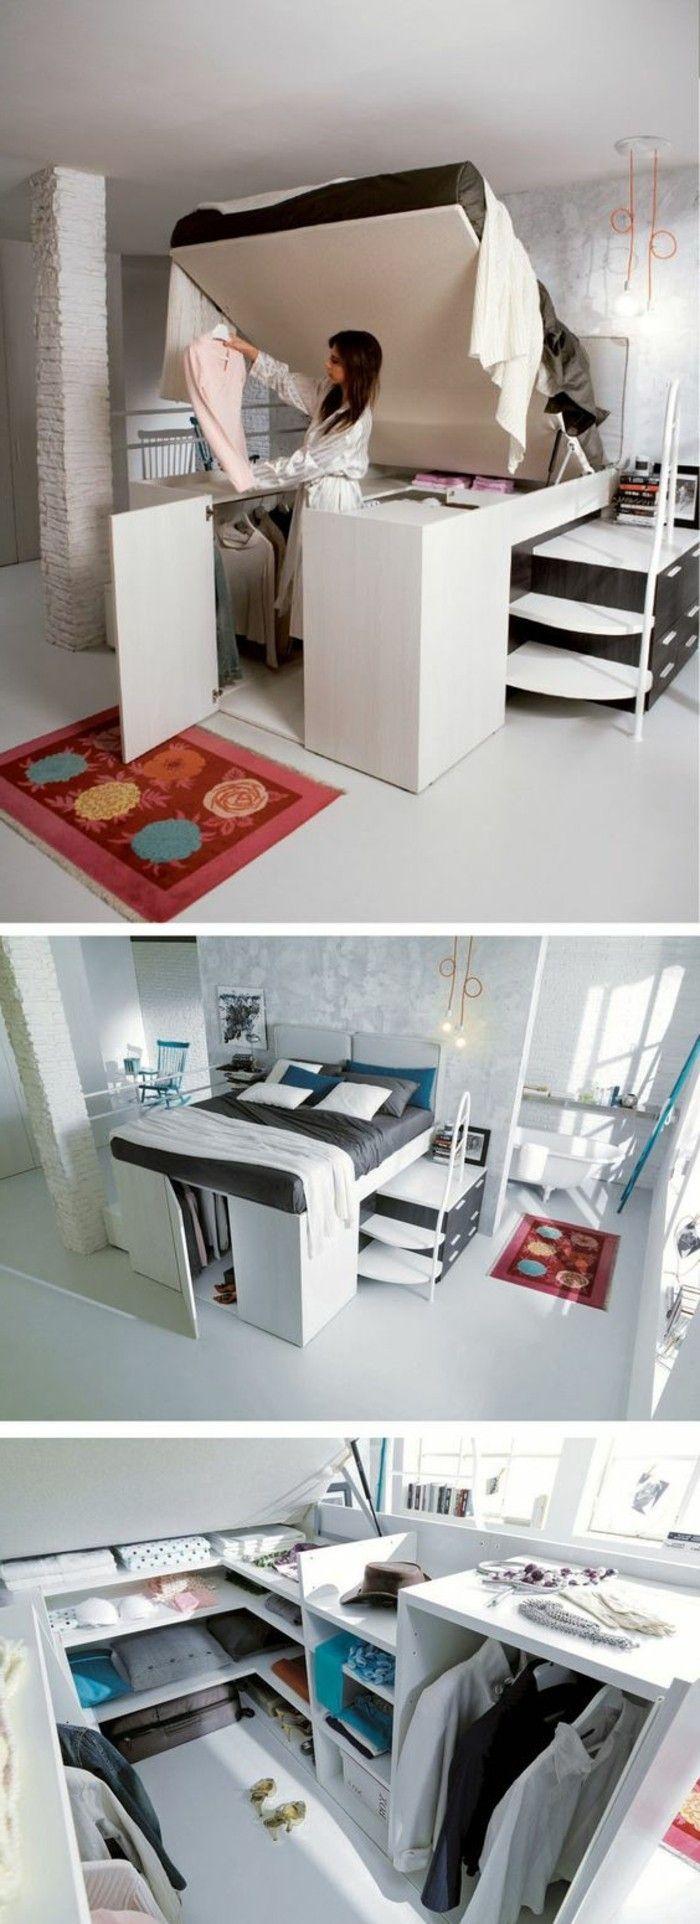 ▷ 1001+ Ideen zum Thema Kleine Räume geschickt einrichten